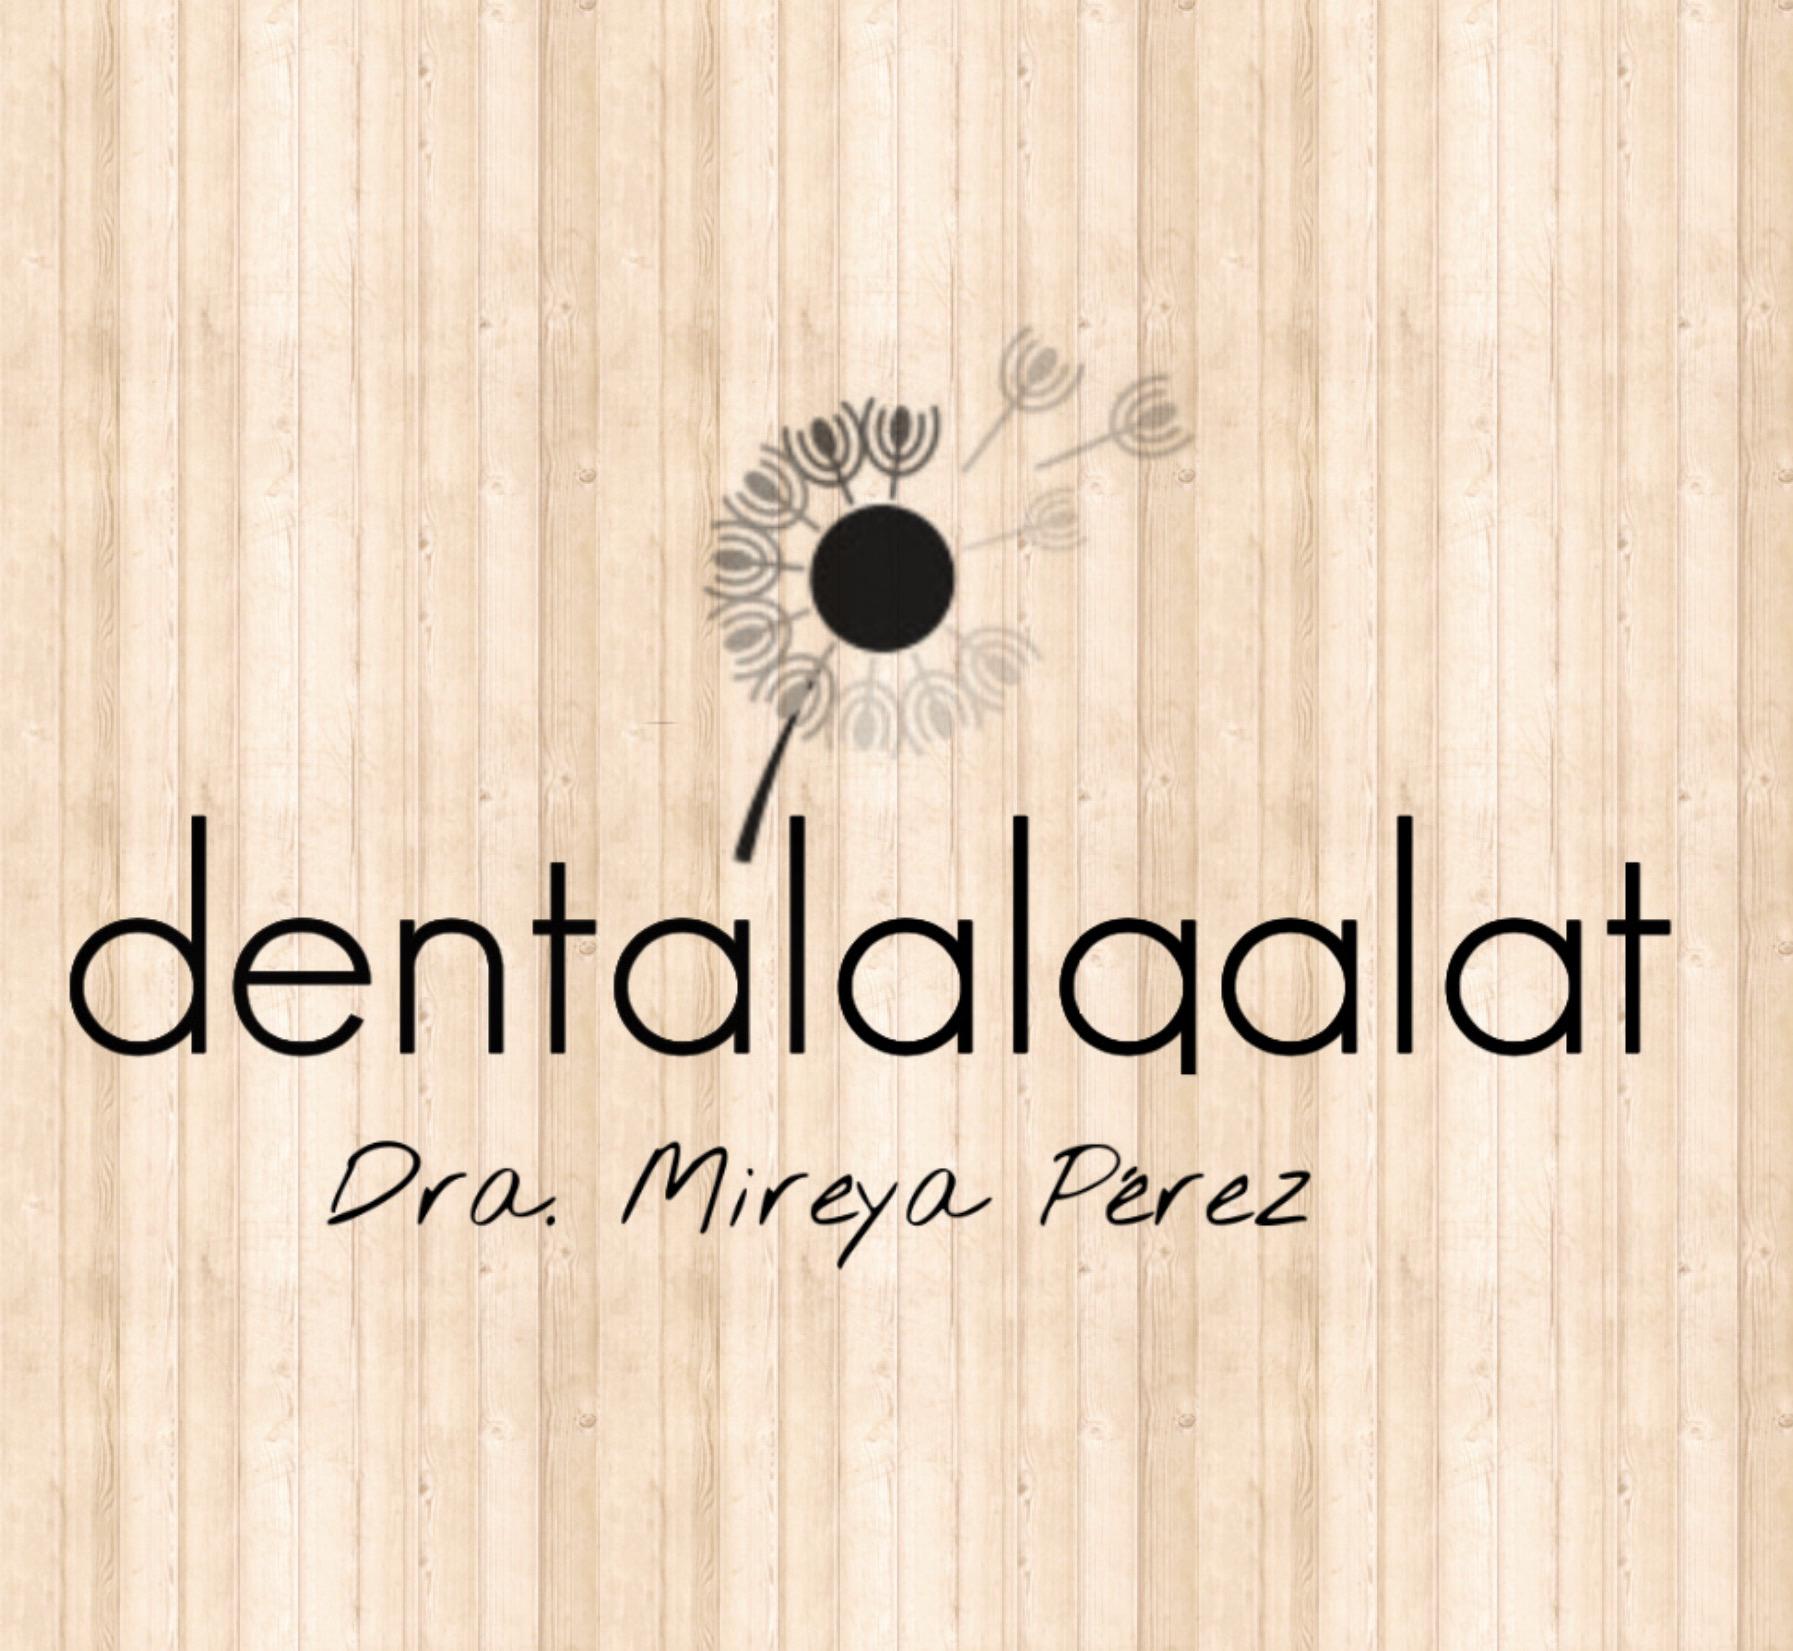 dentalalqalat Dra. Mireya Pérez